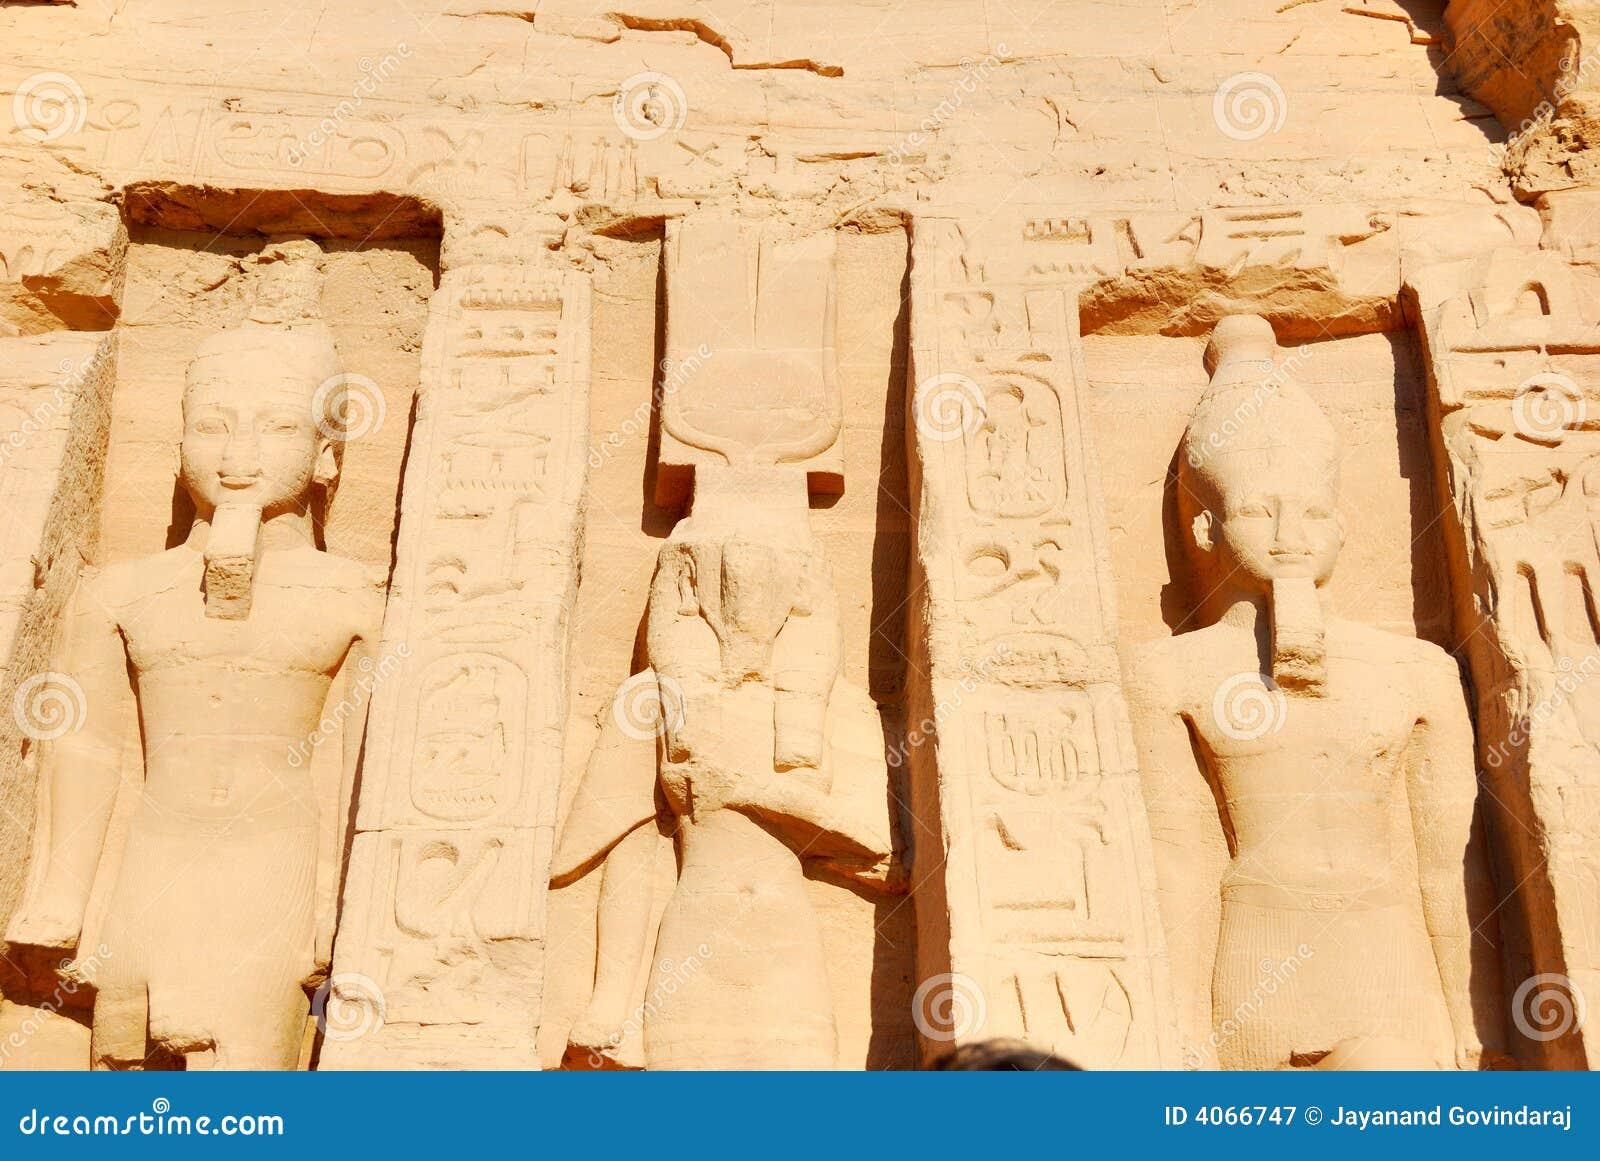 Nefertari et Ramses II